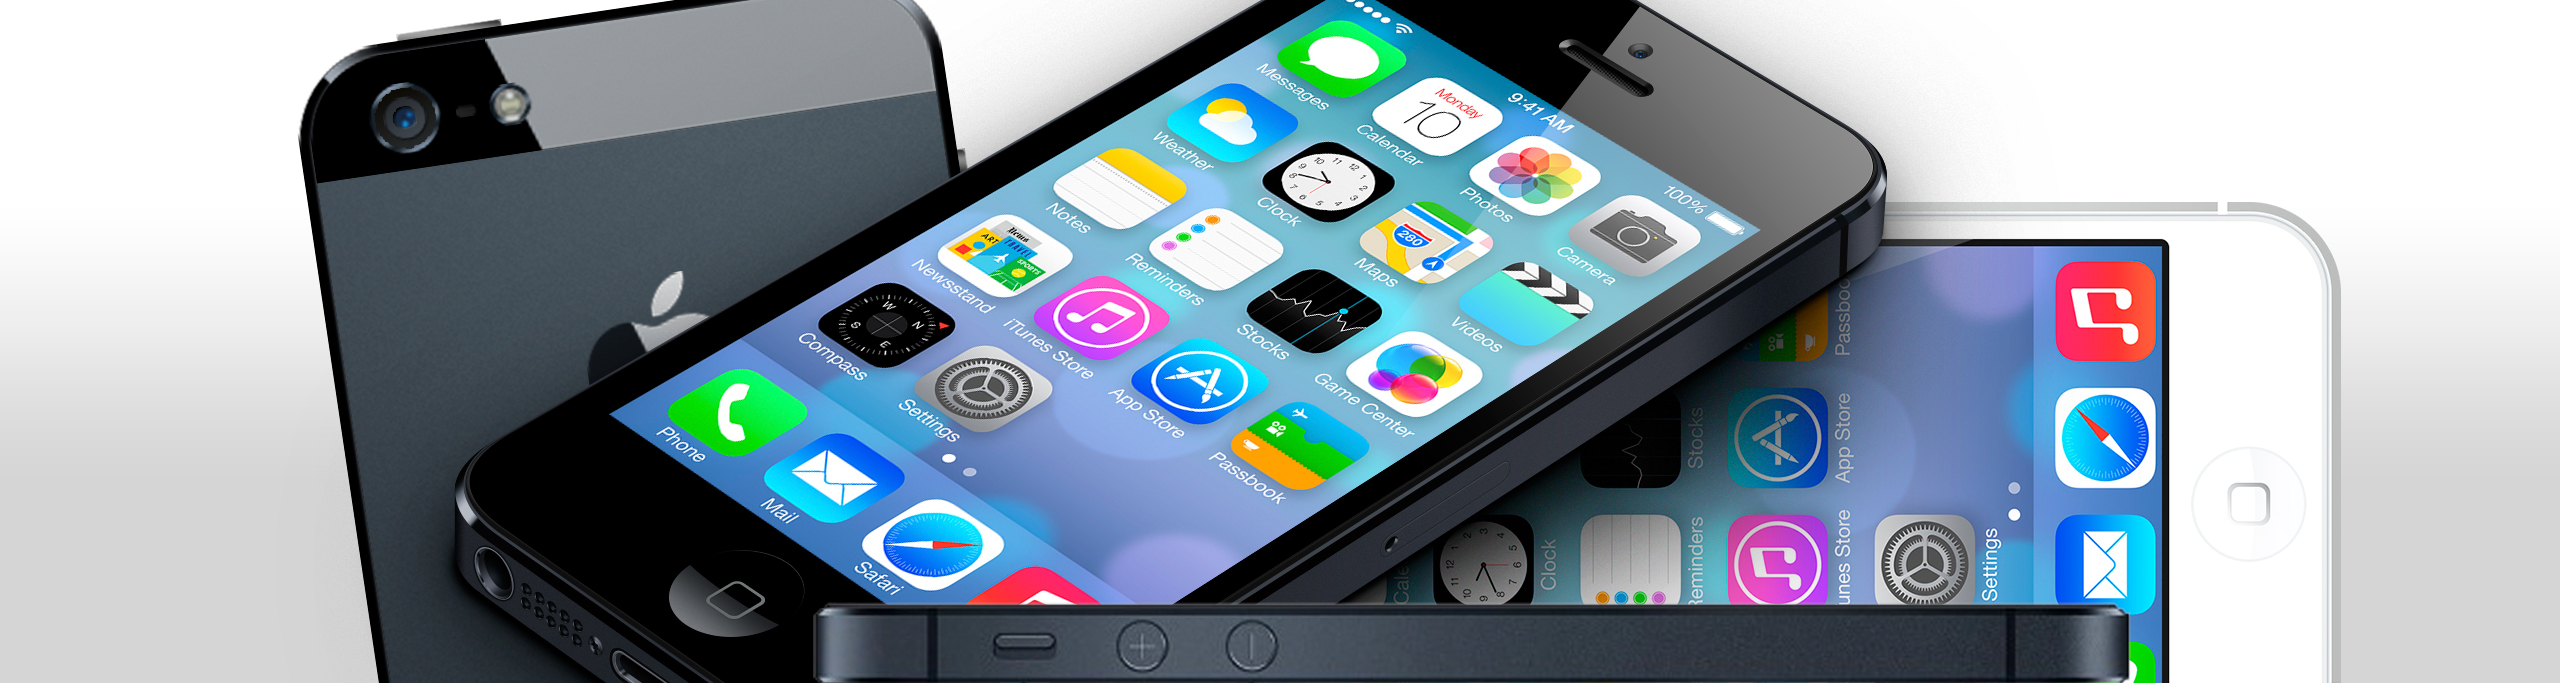 iPhone 5 (A1428 / A1429 / A1442)